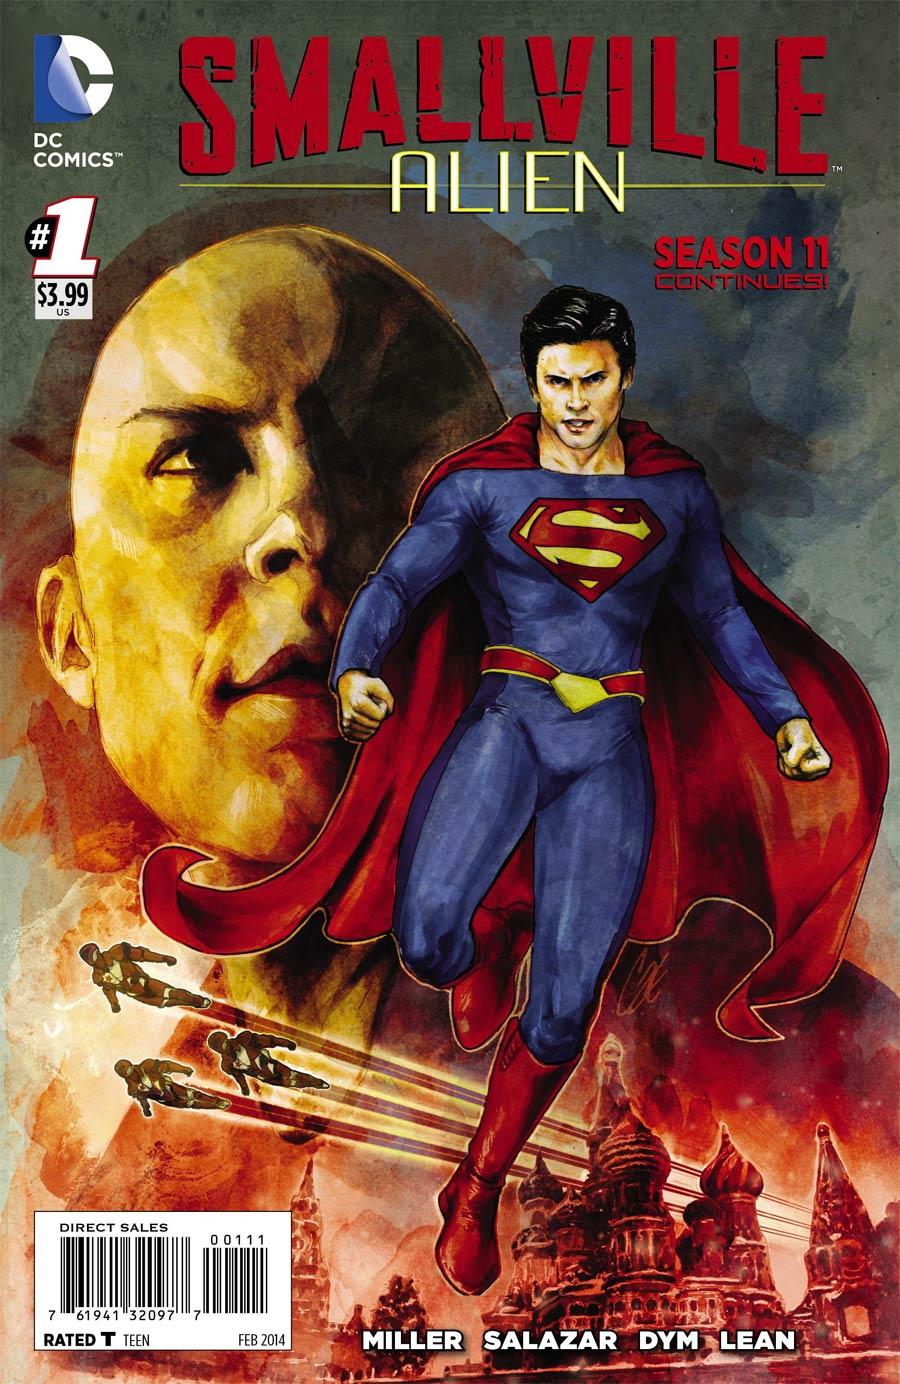 Smallville Season 11 Alien #1